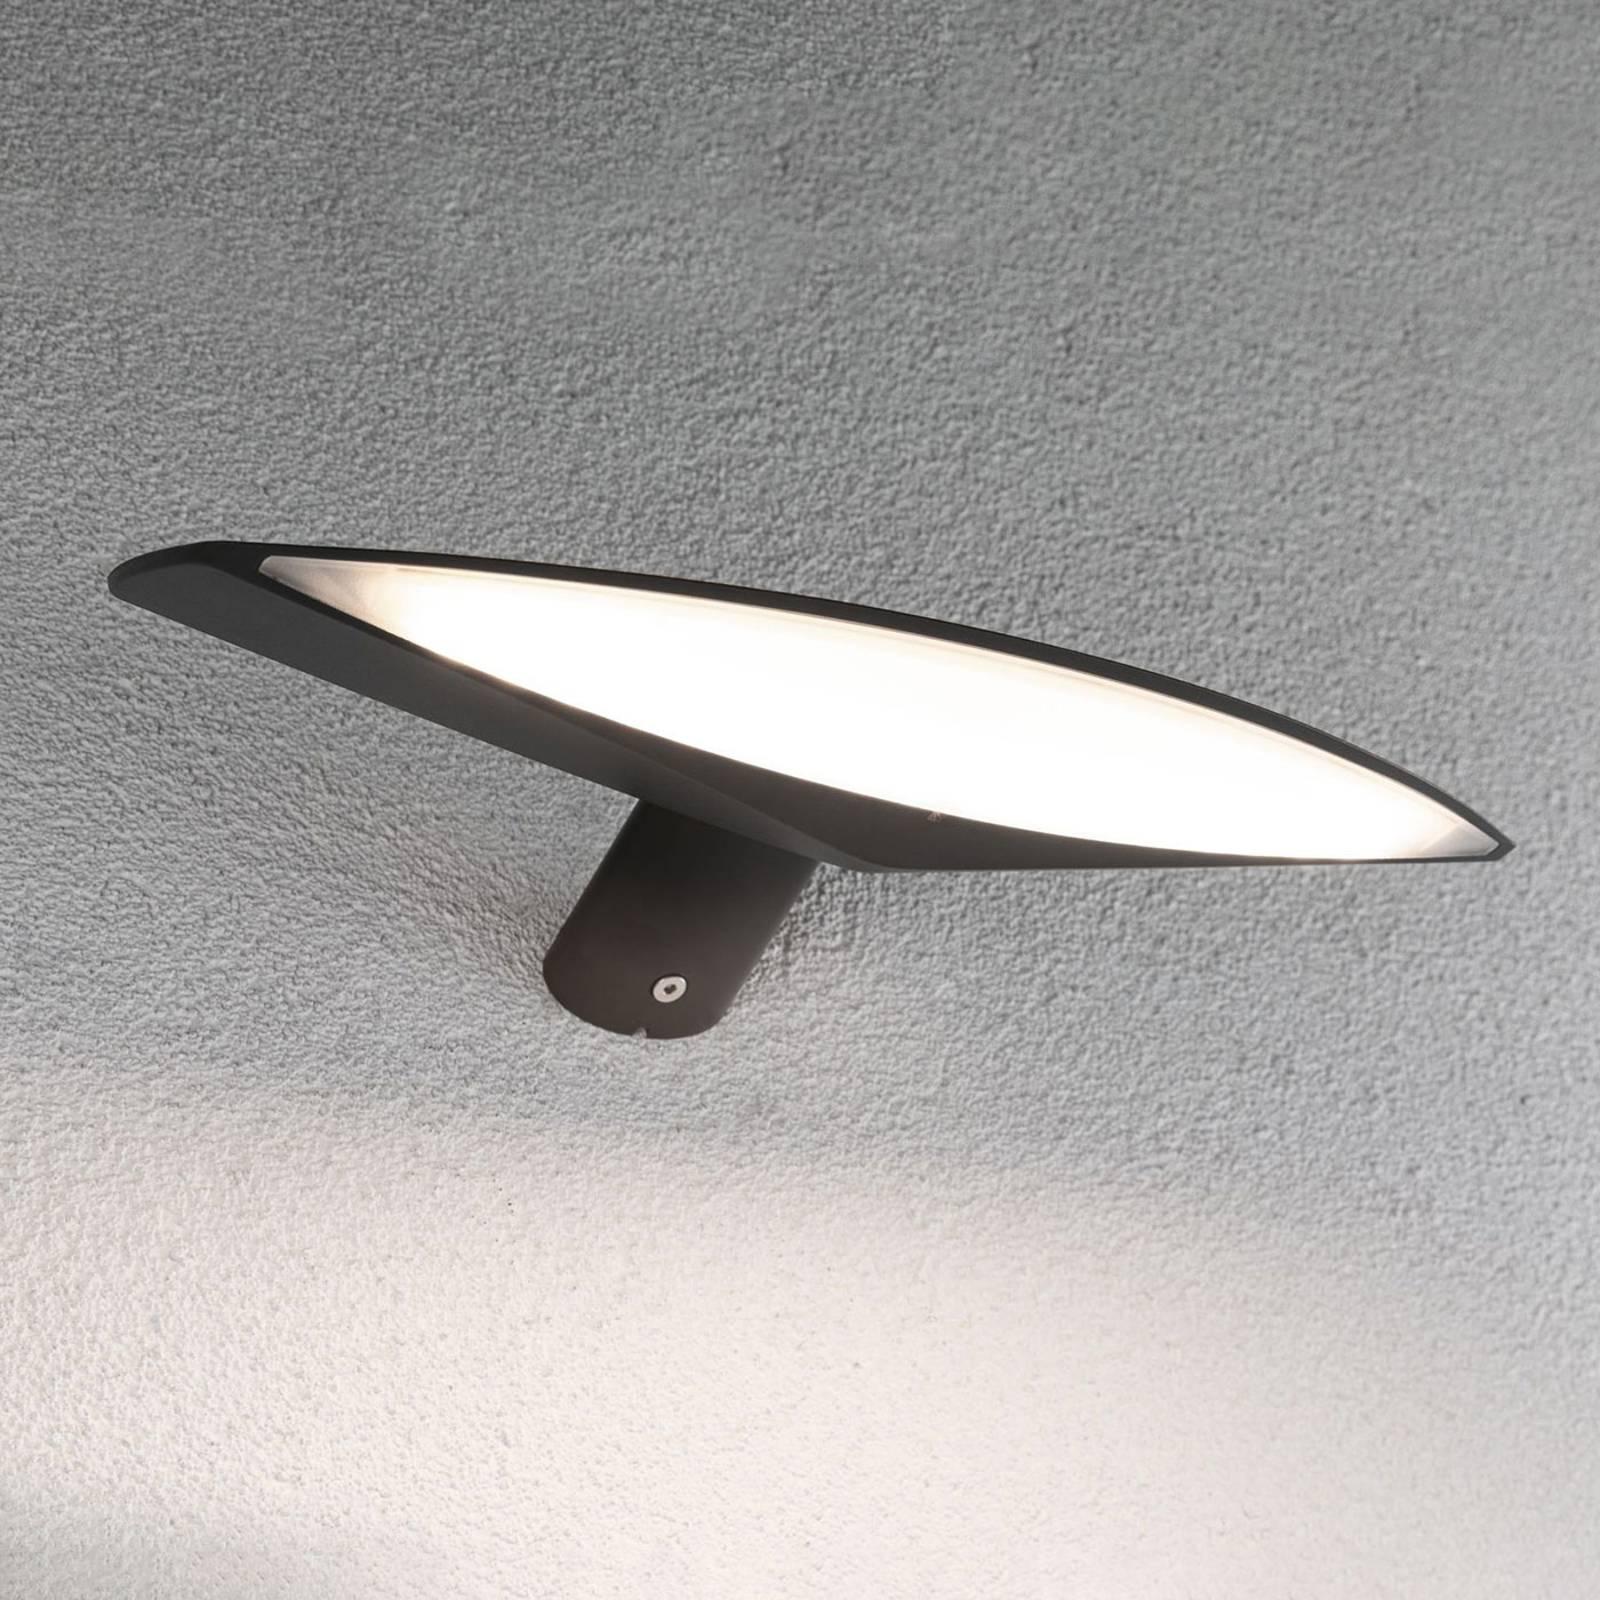 Paulmann Kiran solarna lampa ścienna 30cm antracyt